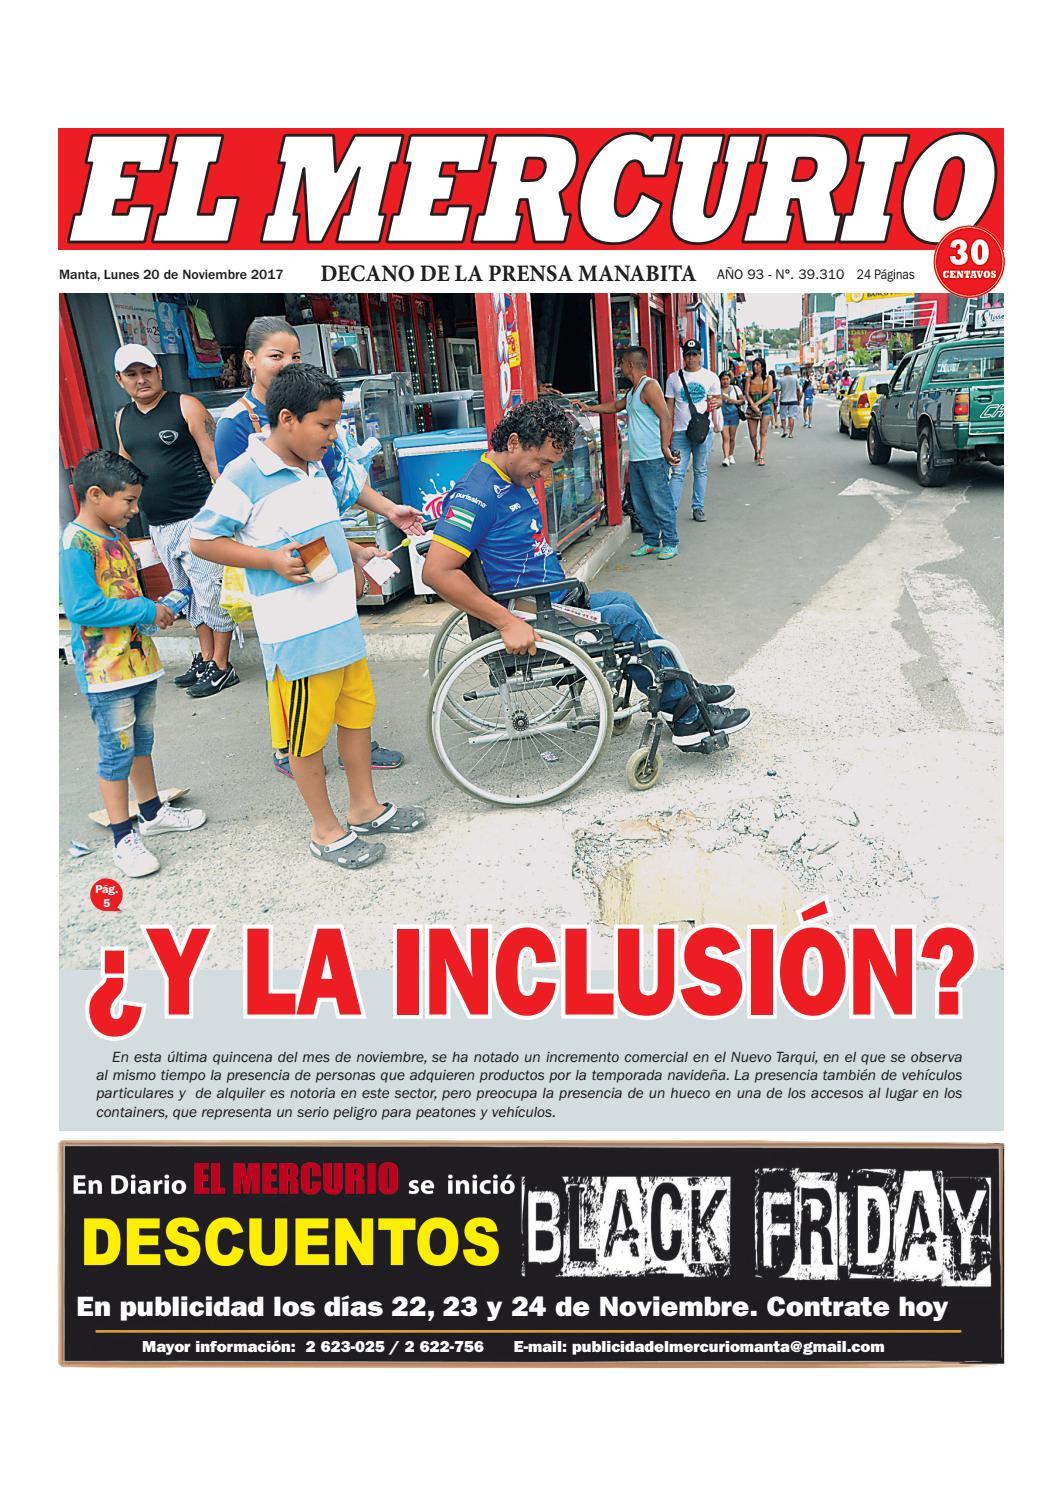 LUNES 20 DE NOVIEMBRE 2017 by Diario El mercurio - issuu